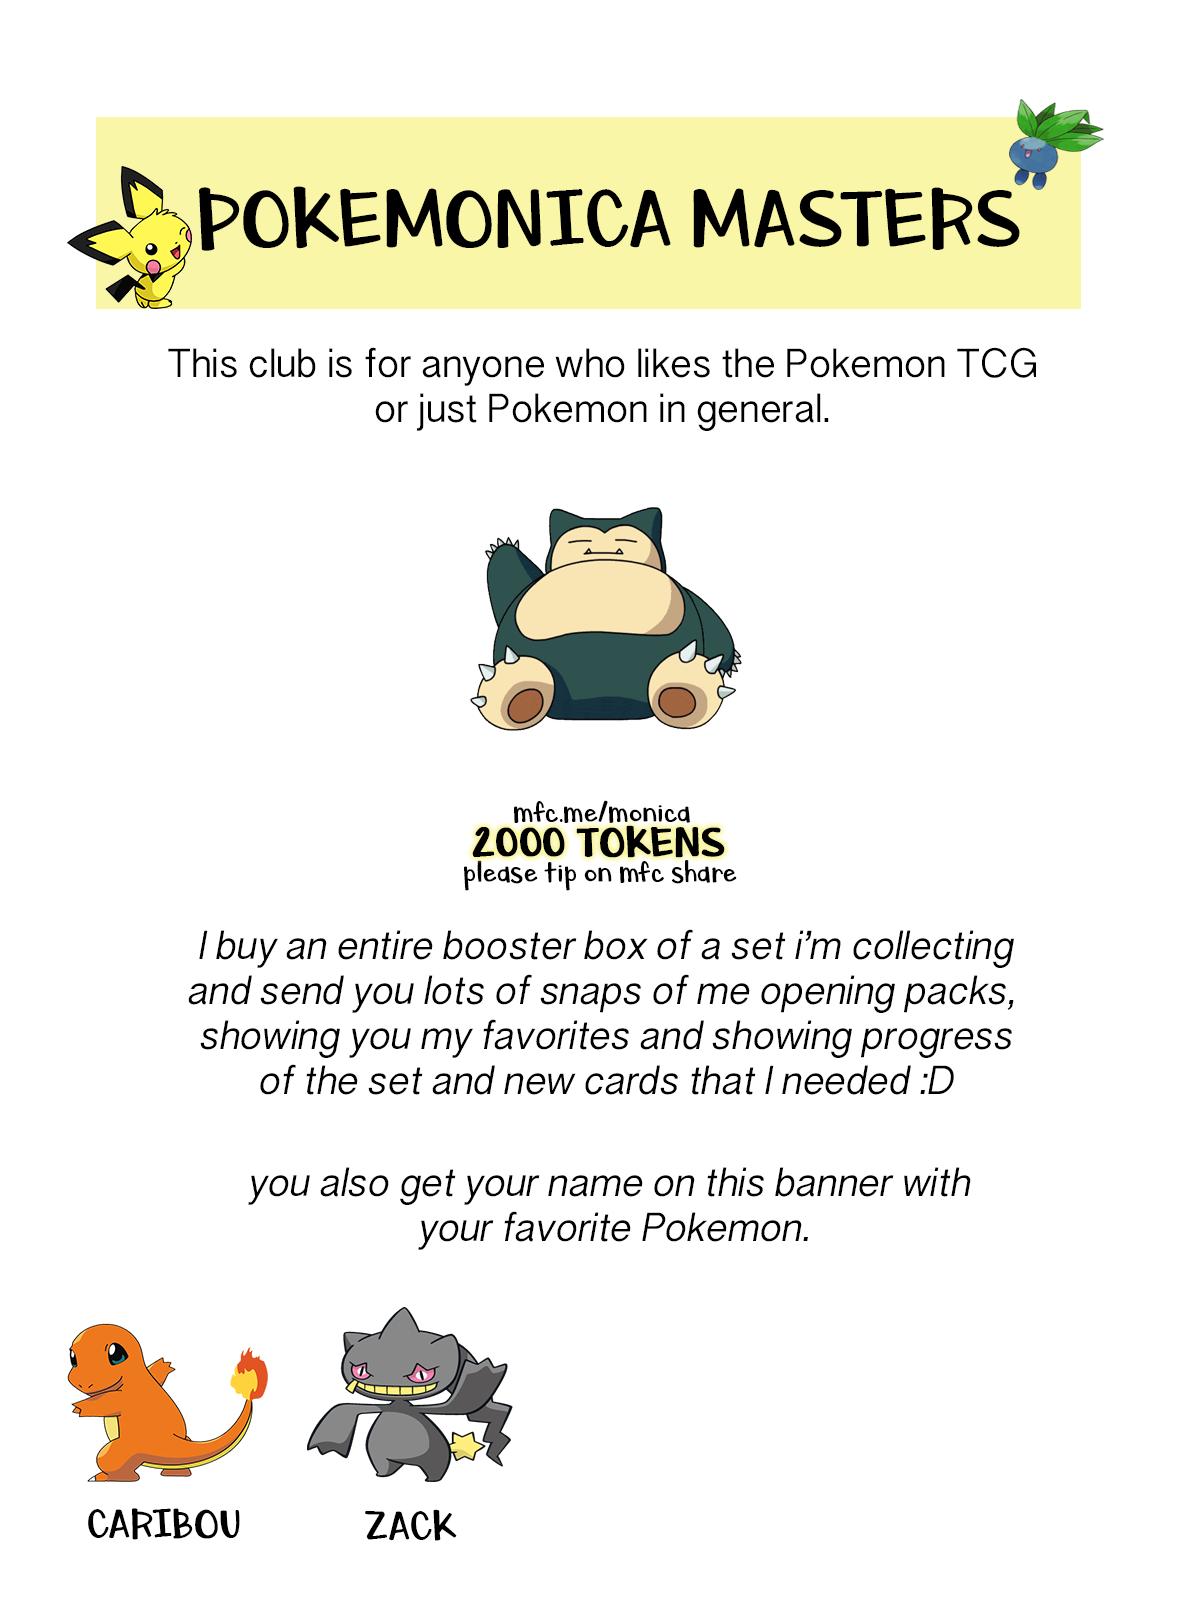 pokemonicamasteres